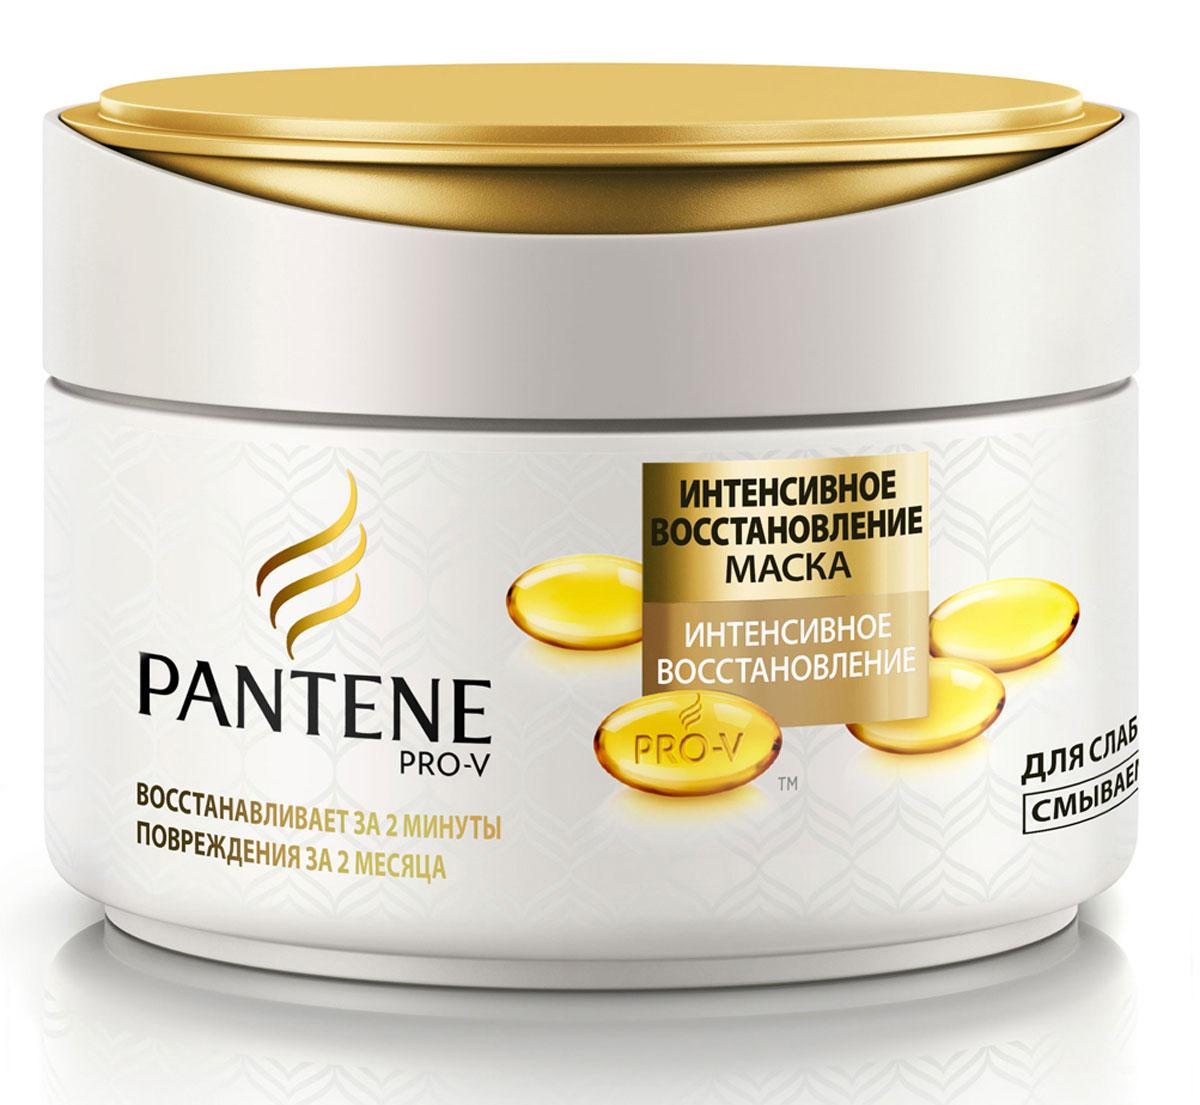 Pantene Pro-V Маска для волос Интенсивное восстановление, 200 мл81570280Маска для волос Pantene Pro-V Маска для волос Интенсивное восстановление - это питательная коллекция с активными частицами ухаживает за волосами, обеспечивая интенсивное восстановление и придавая волосам здоровый вид и блеск.